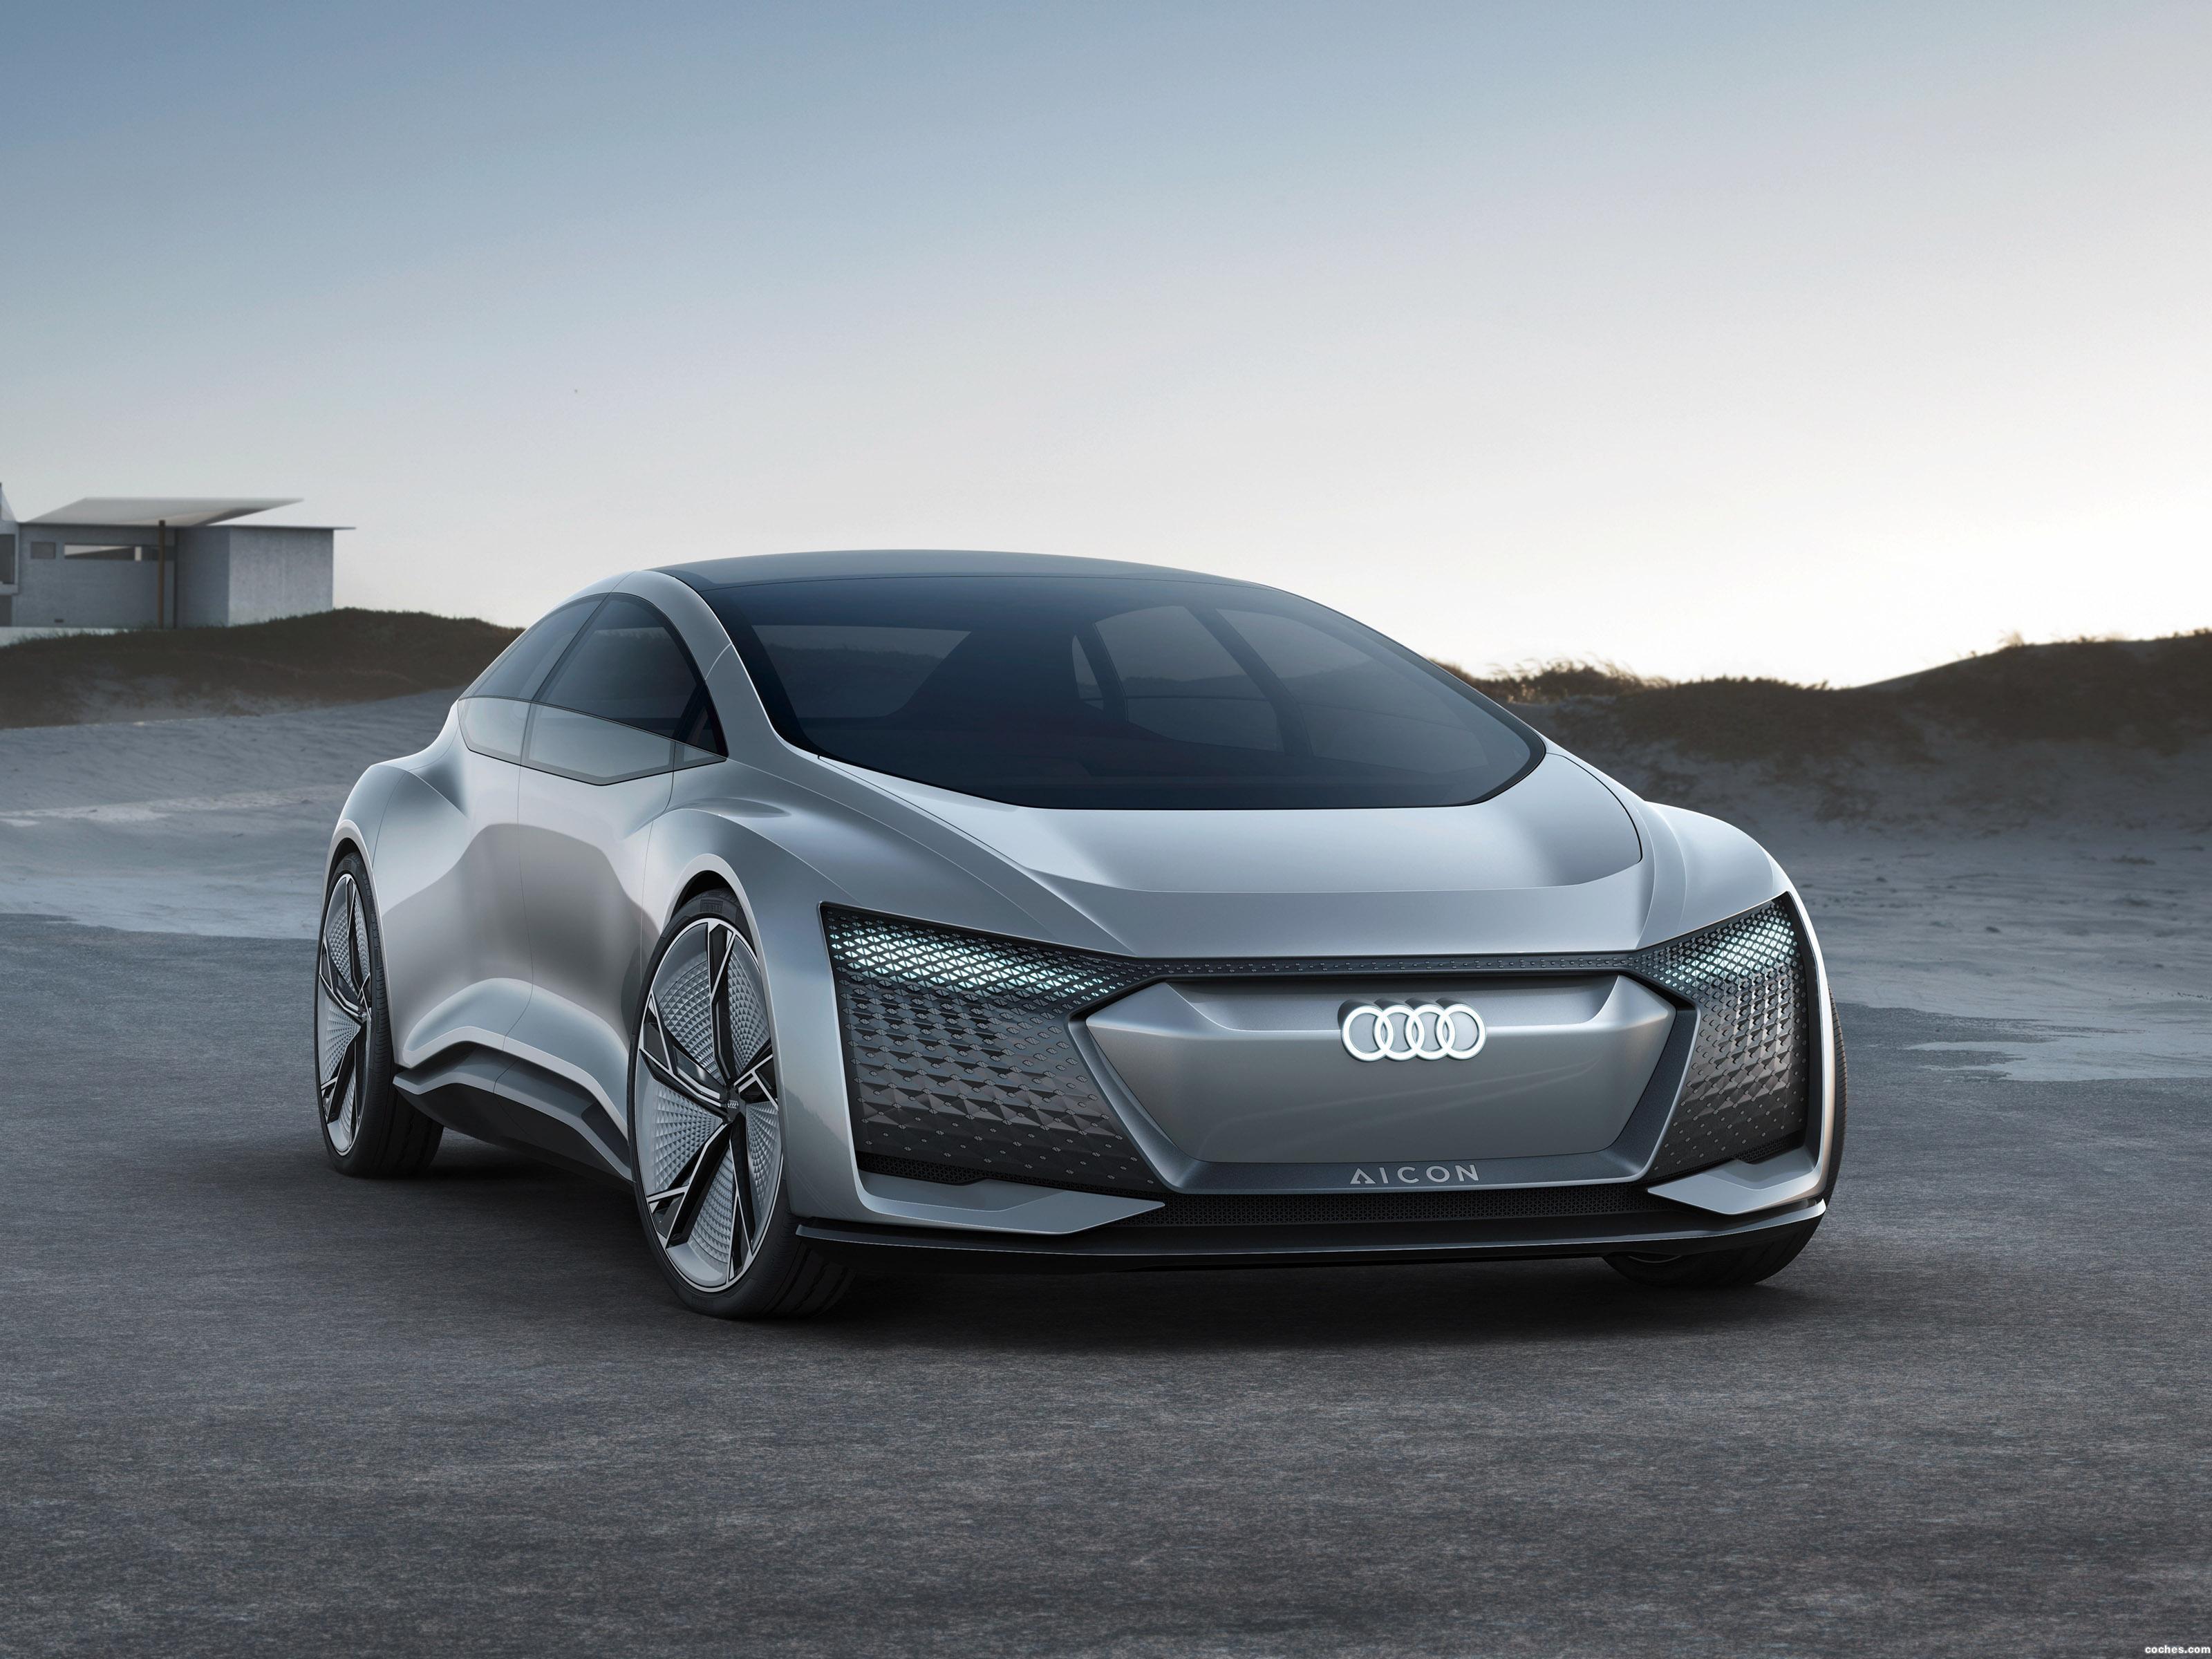 Foto 0 de Audi Aicon 2017